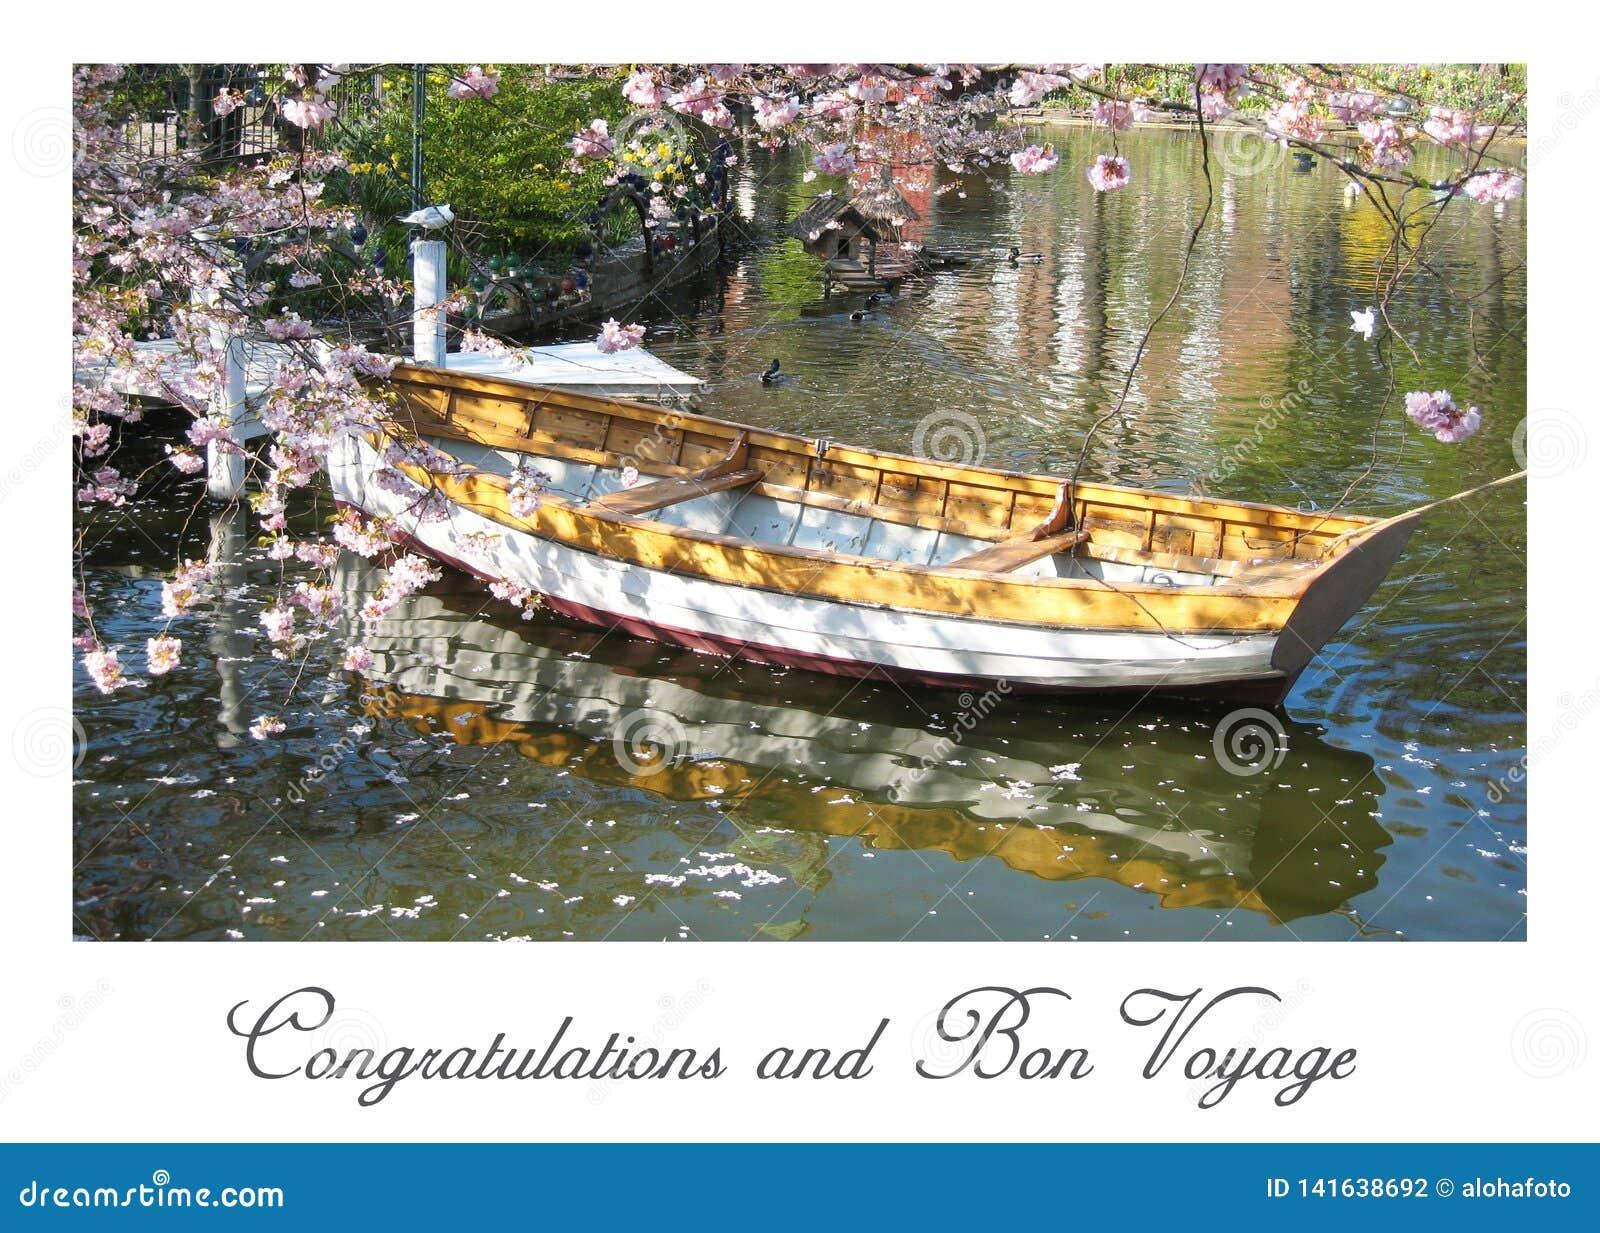 Η κάρτα με μια όμορφη άποψη μιας ξύλινης βάρκας στην Κοπεγχάγη στη Δανία που περιβάλλεται θαλασσίως †‹â€ ‹ανθίζει σε μια μικρή